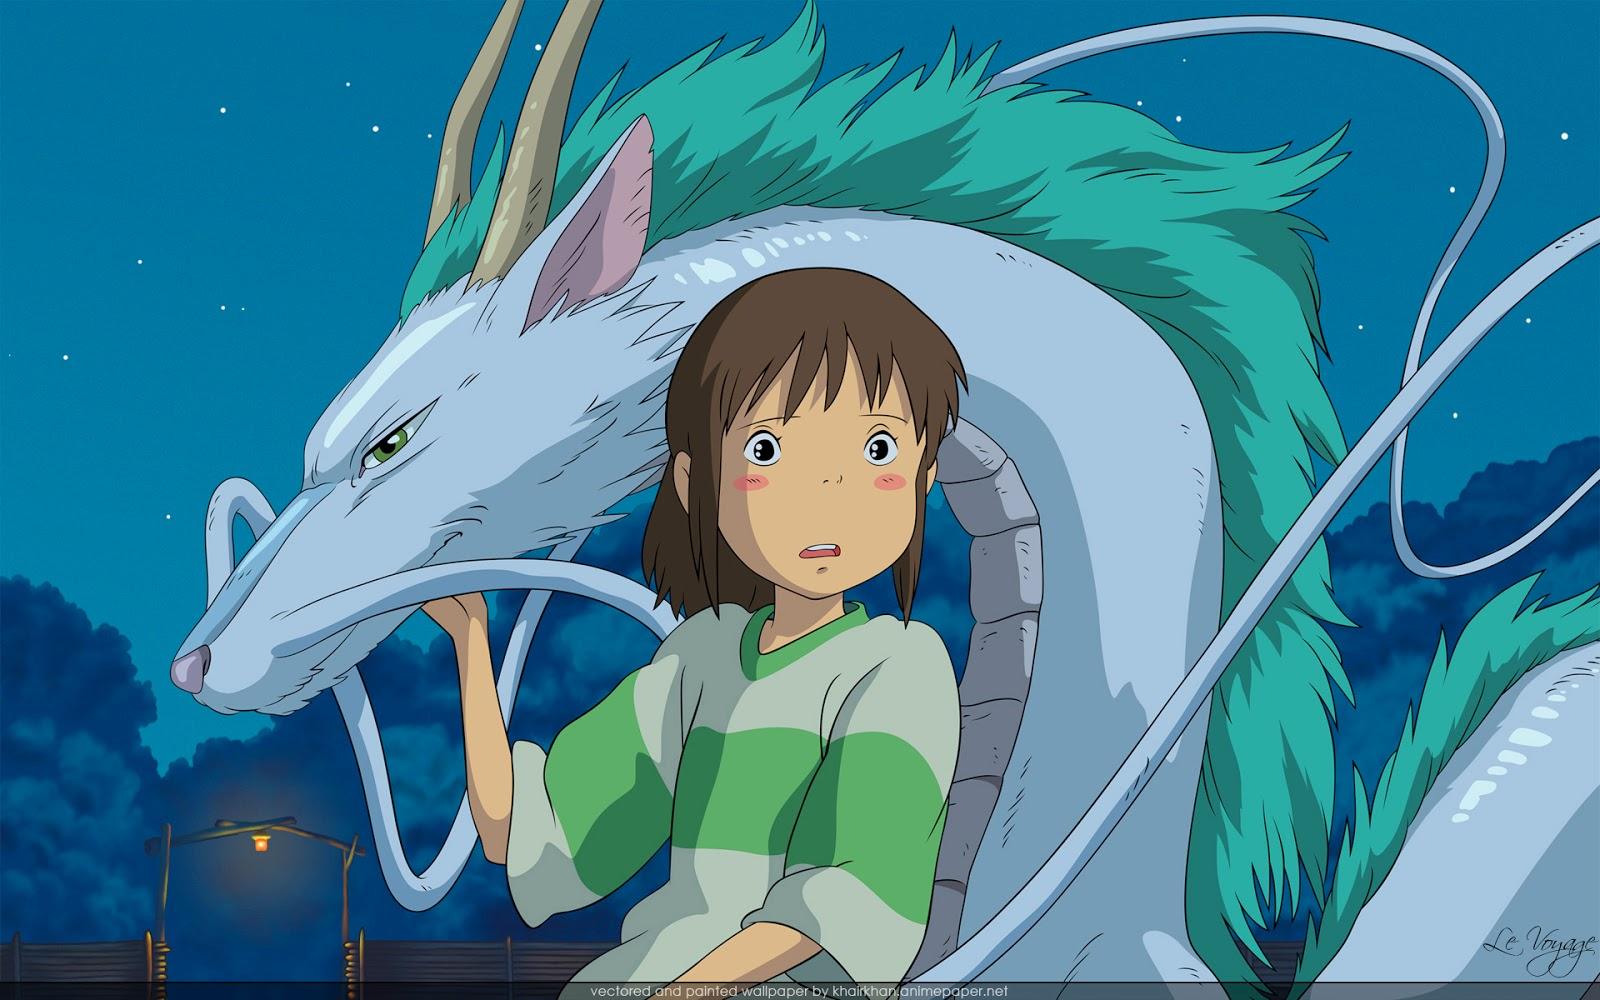 warchildPost: [Studio Ghibli] Hayao Miyazaki retires